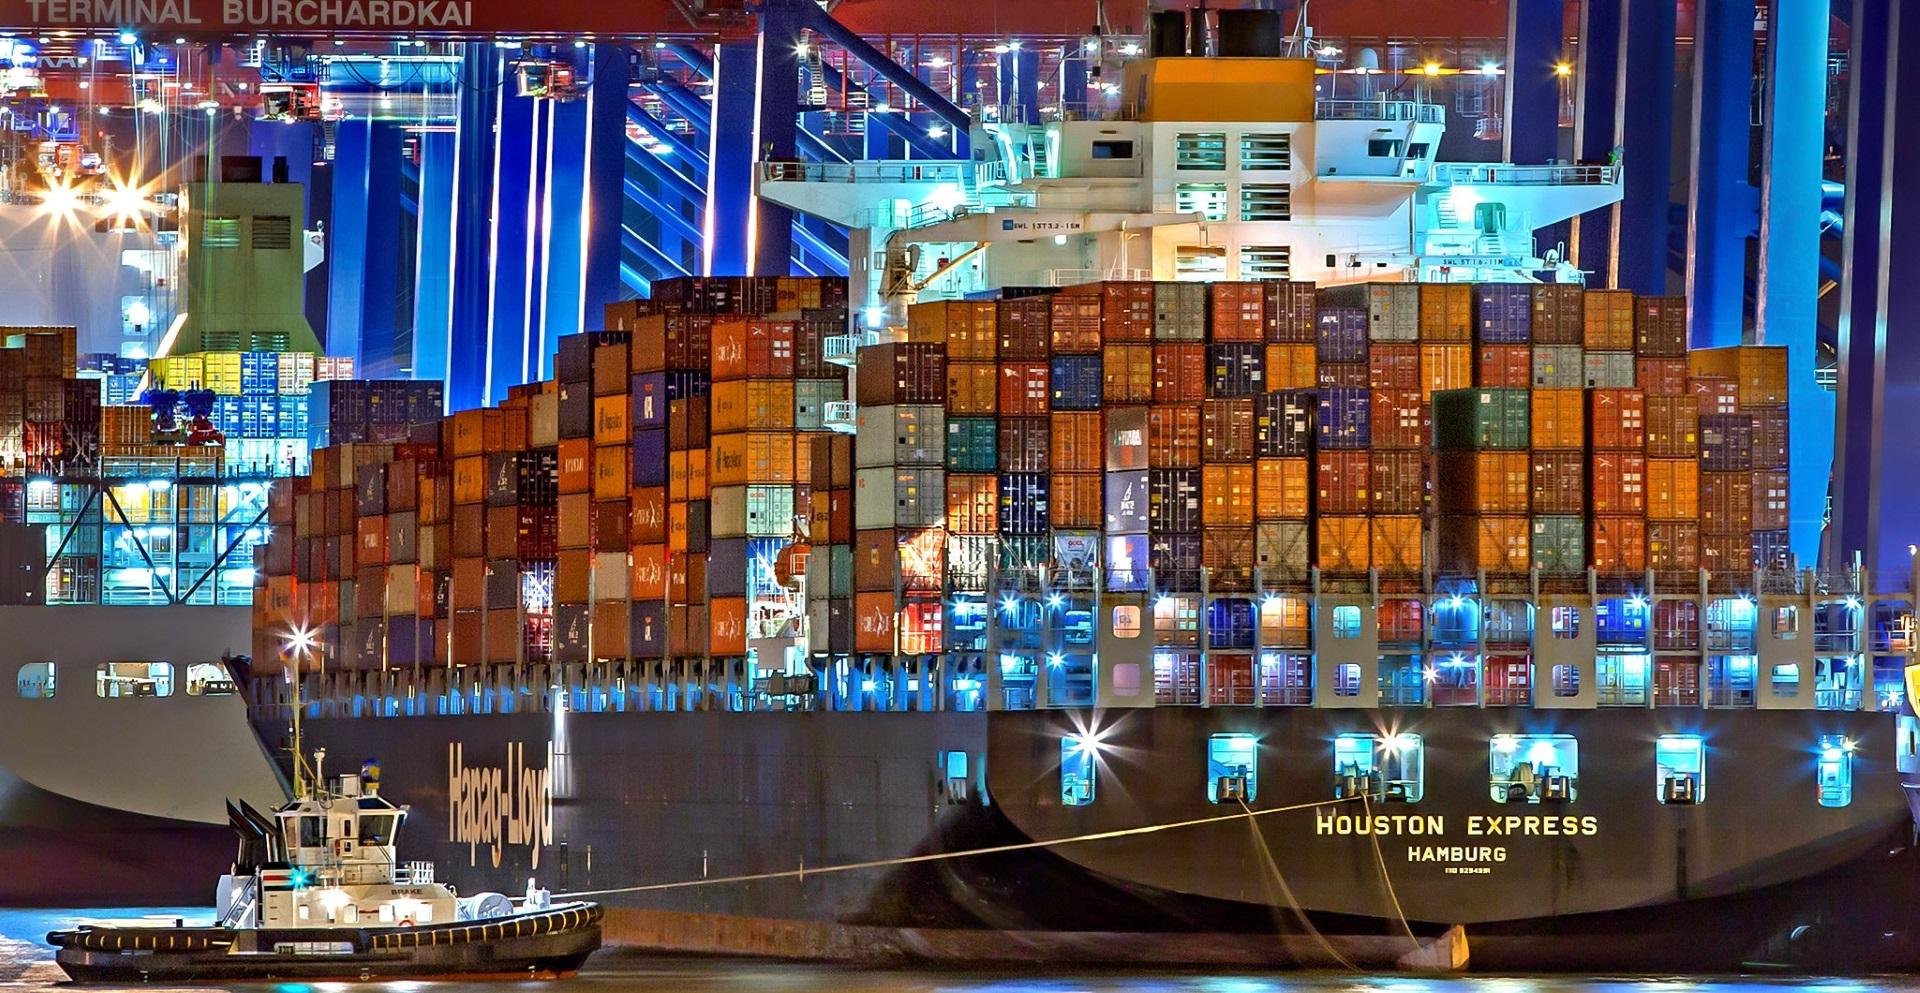 kleiner Schlepper zieht großes Containerschiff